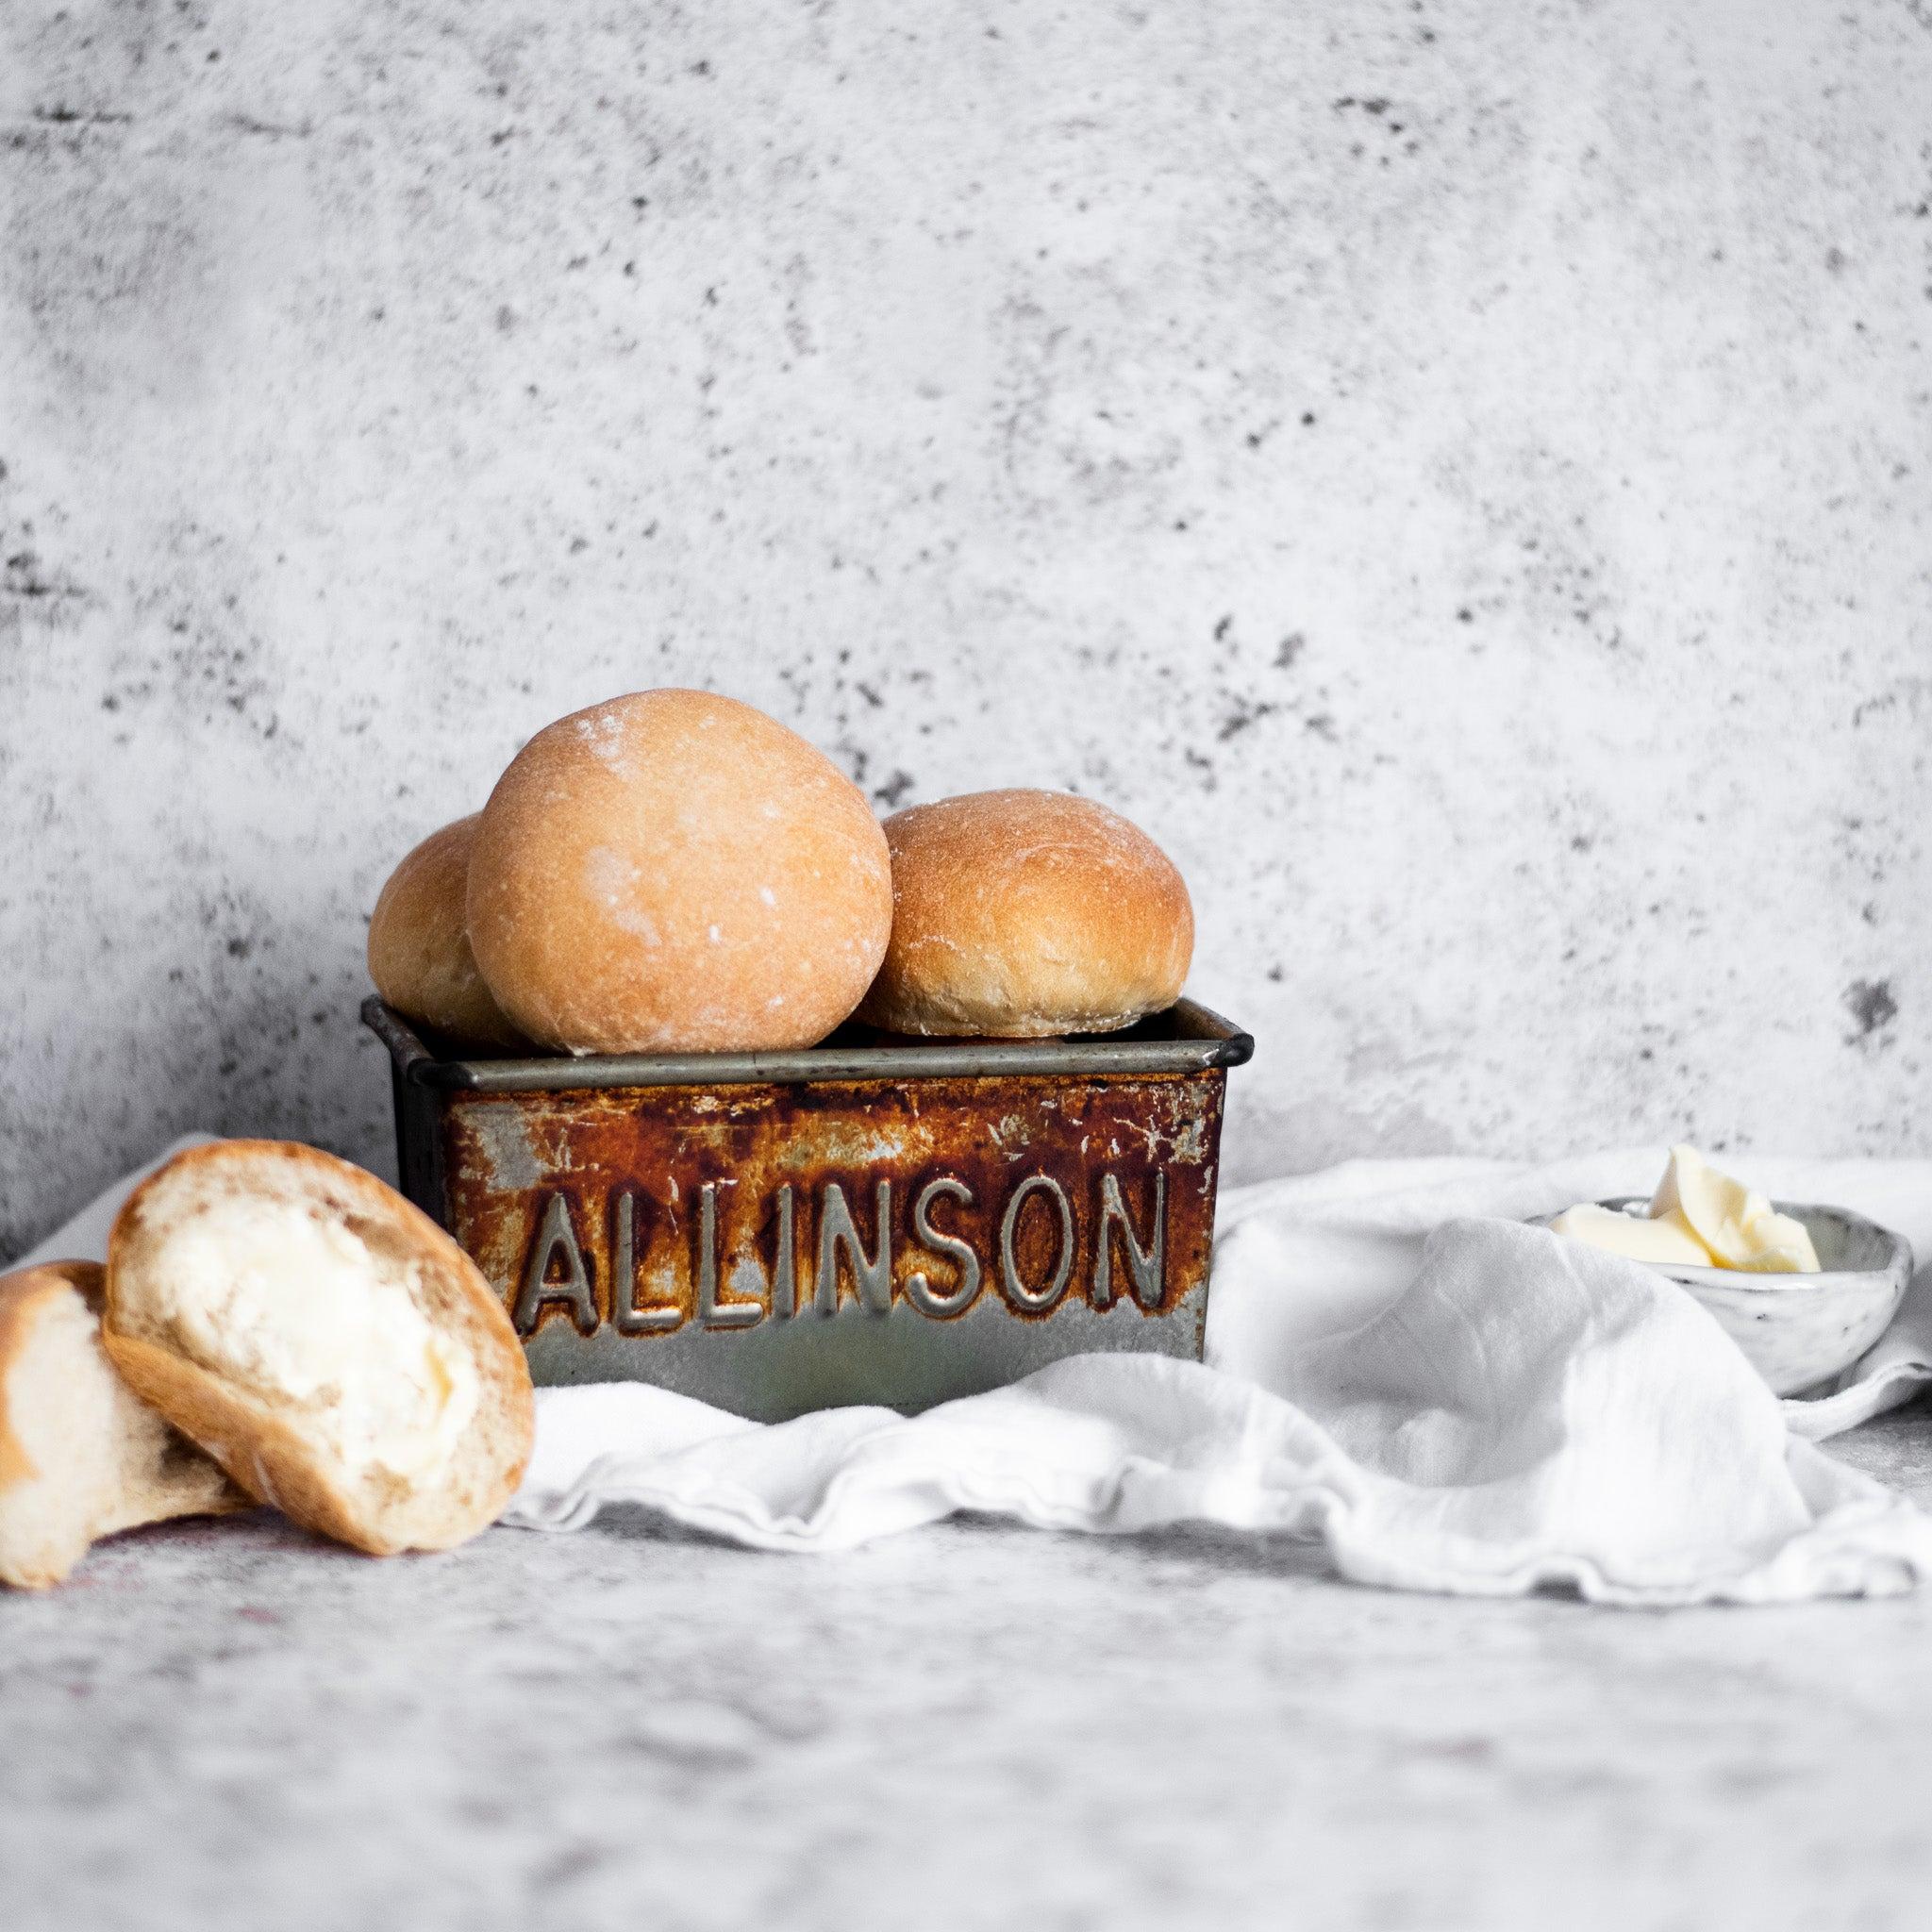 Allinsons-White-Rolls-11-Baking-Mad-12.jpg